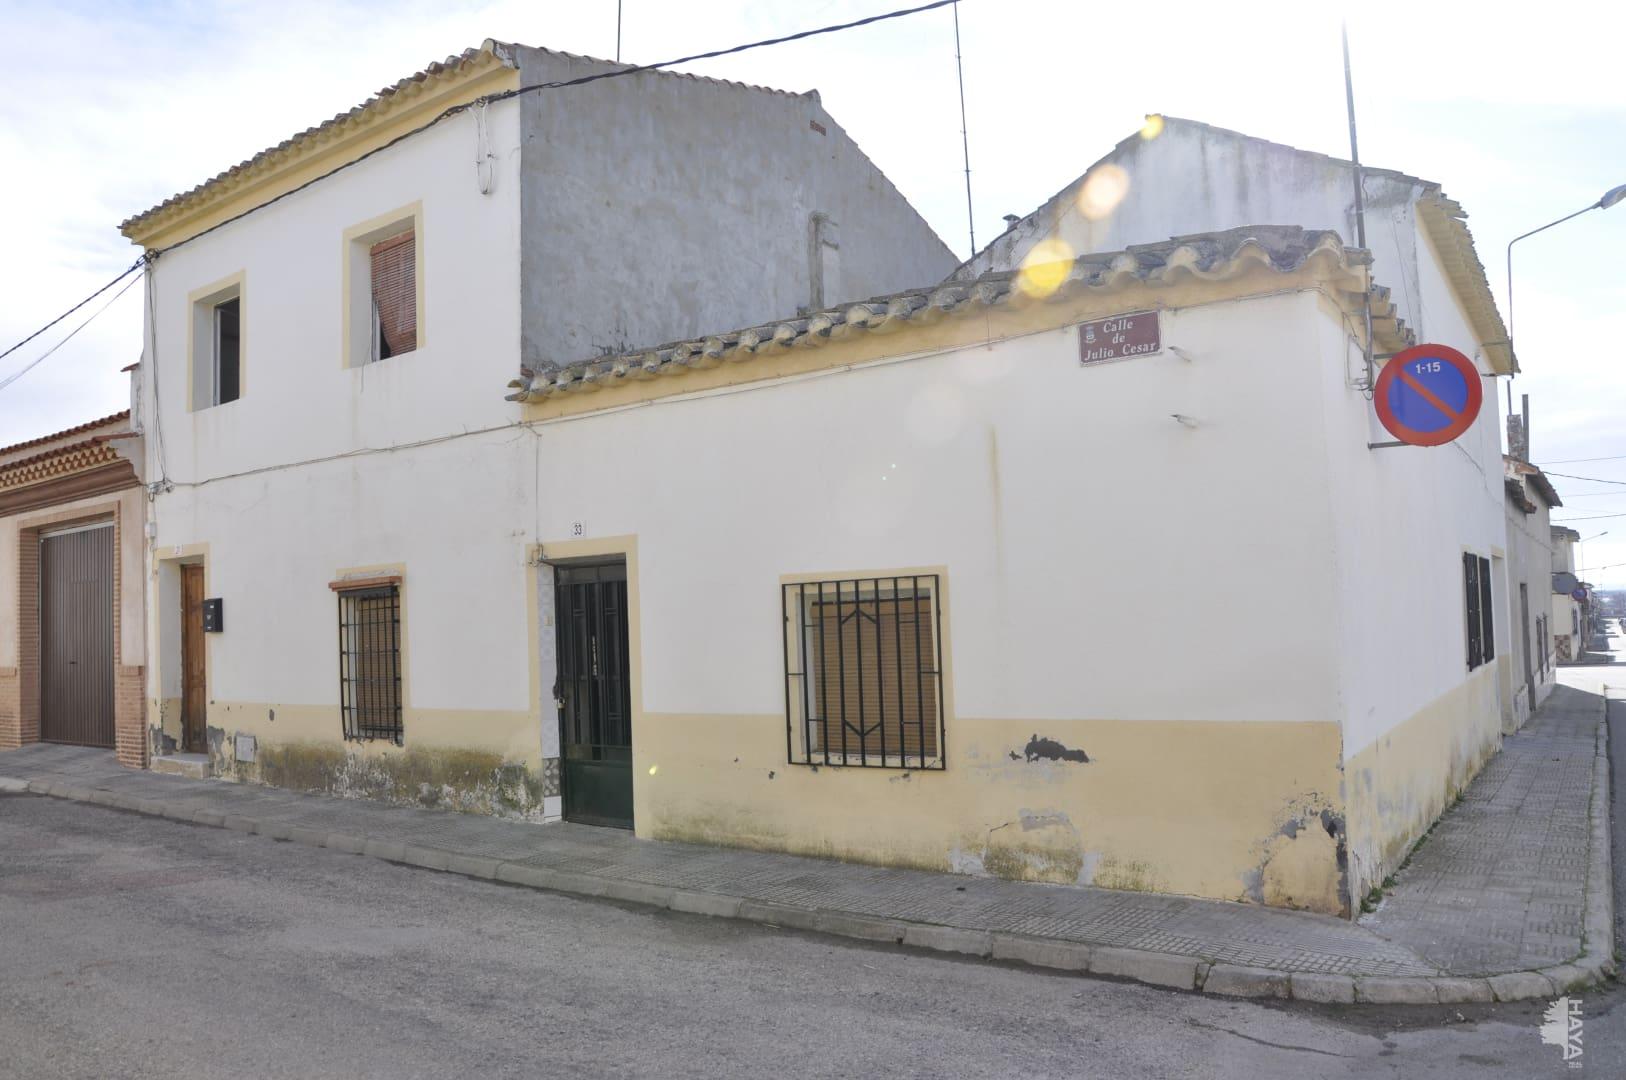 Casa en venta en Villarrobledo, Villarrobledo, Albacete, Calle Julio Cesar, 49.900 €, 3 habitaciones, 2 baños, 271 m2